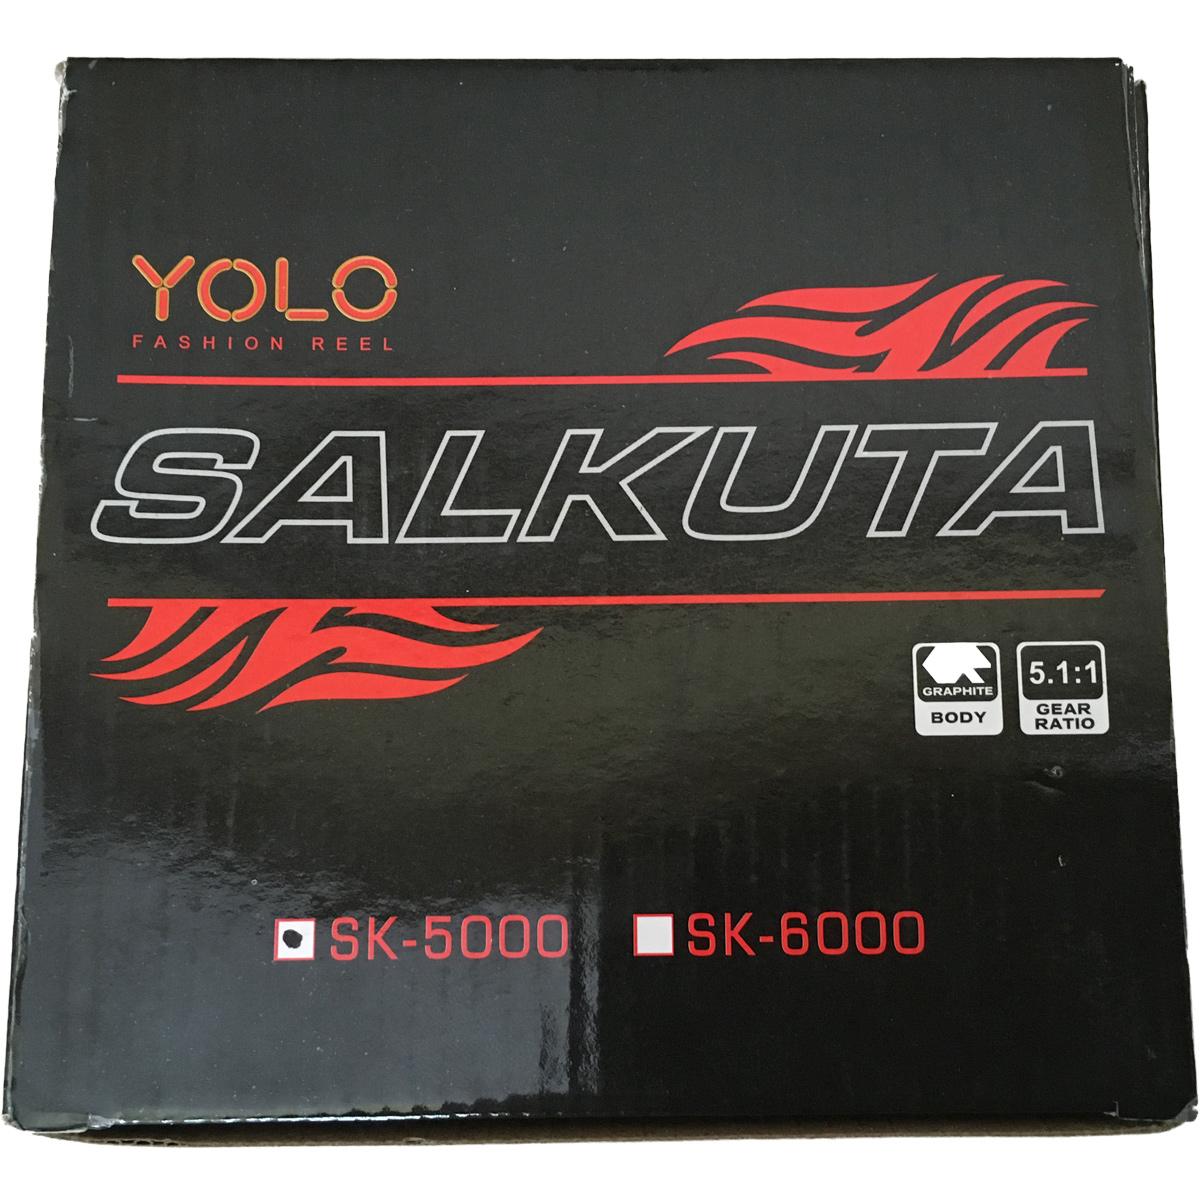 Máy Câu Cá Yolo Salkuta SK 5000 Chính Hãng Bảo Hành 3 Tháng